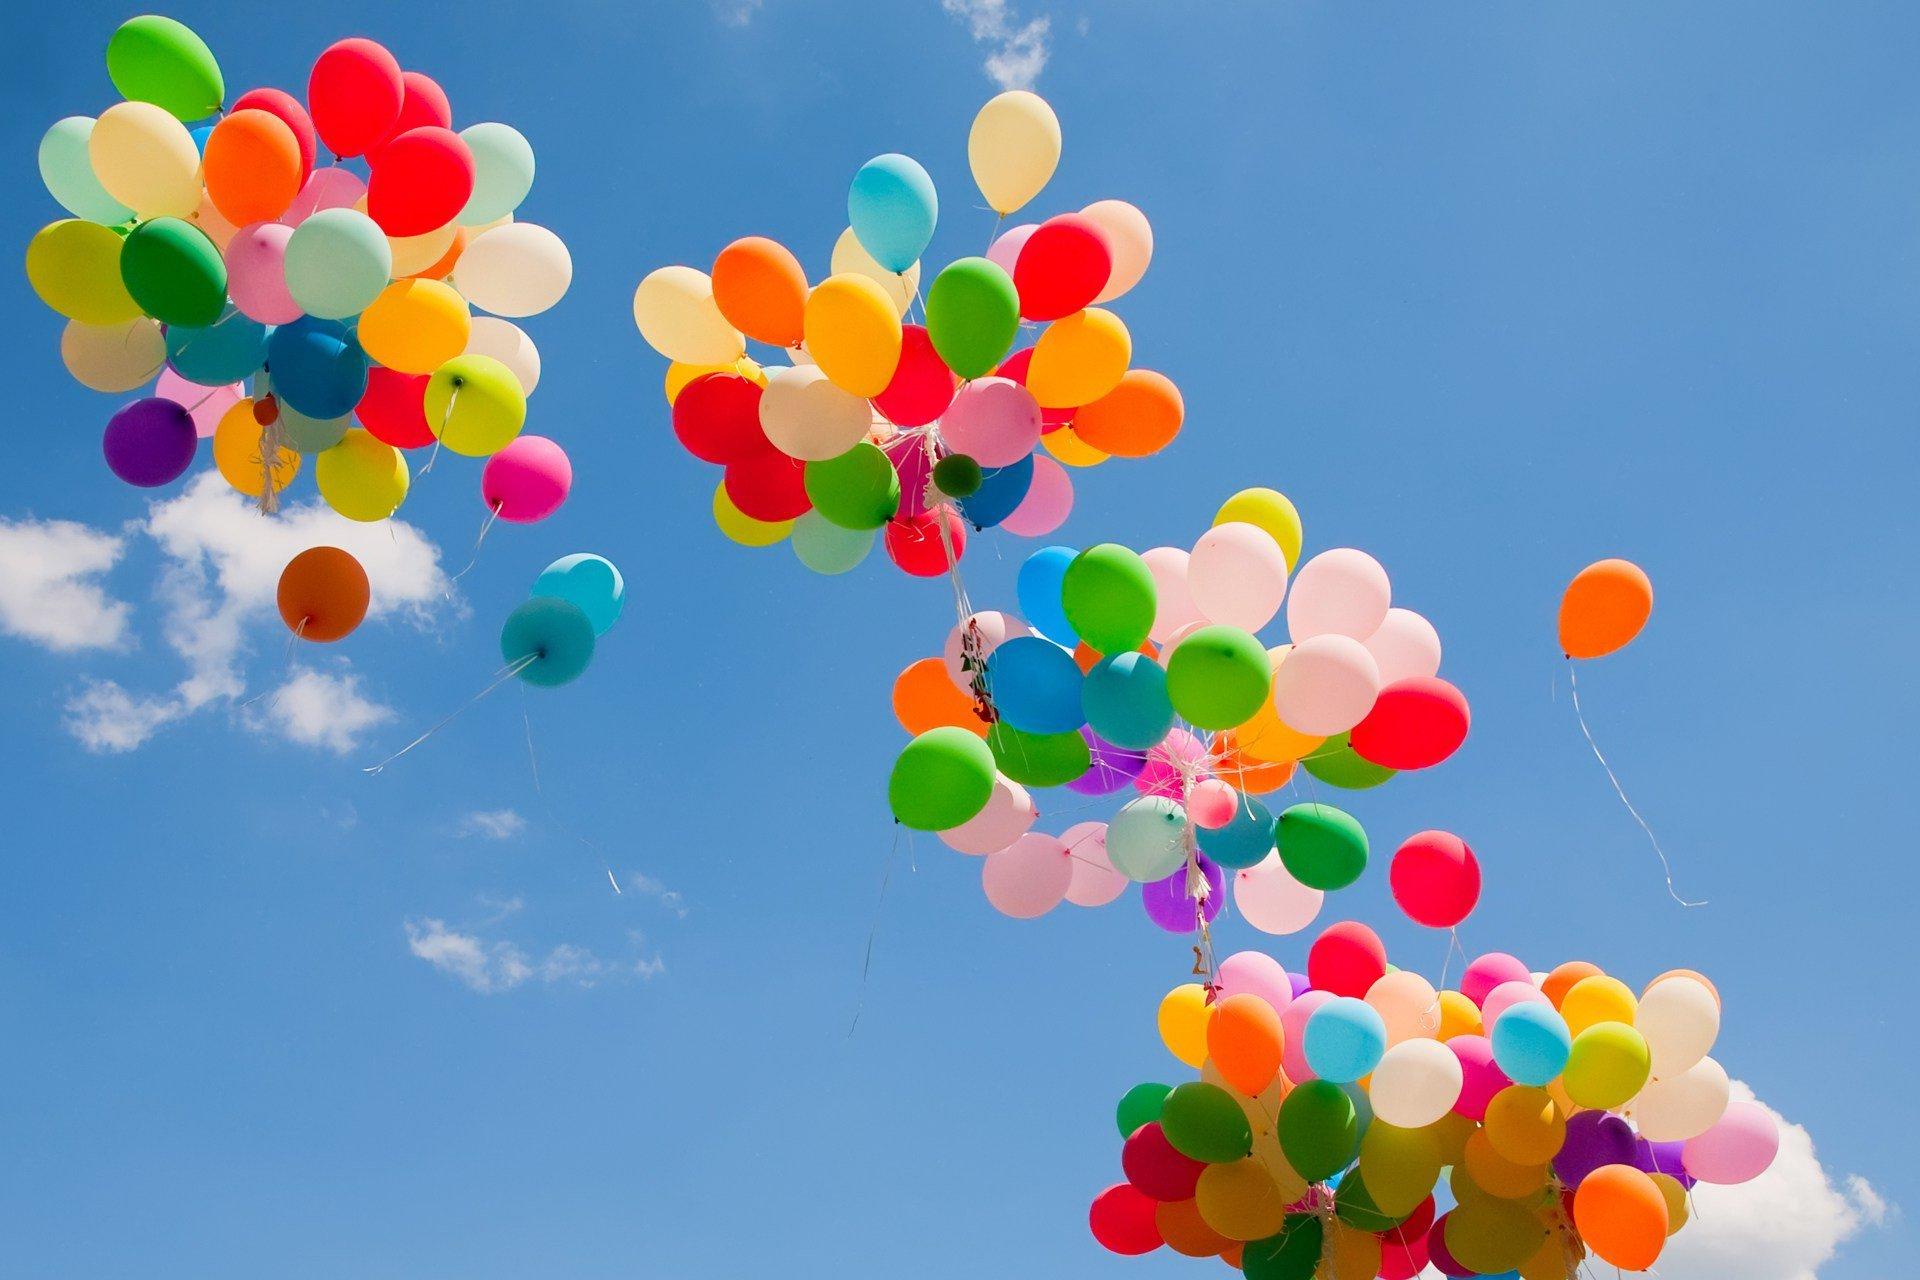 Картинки с цветами и шариками воздушными